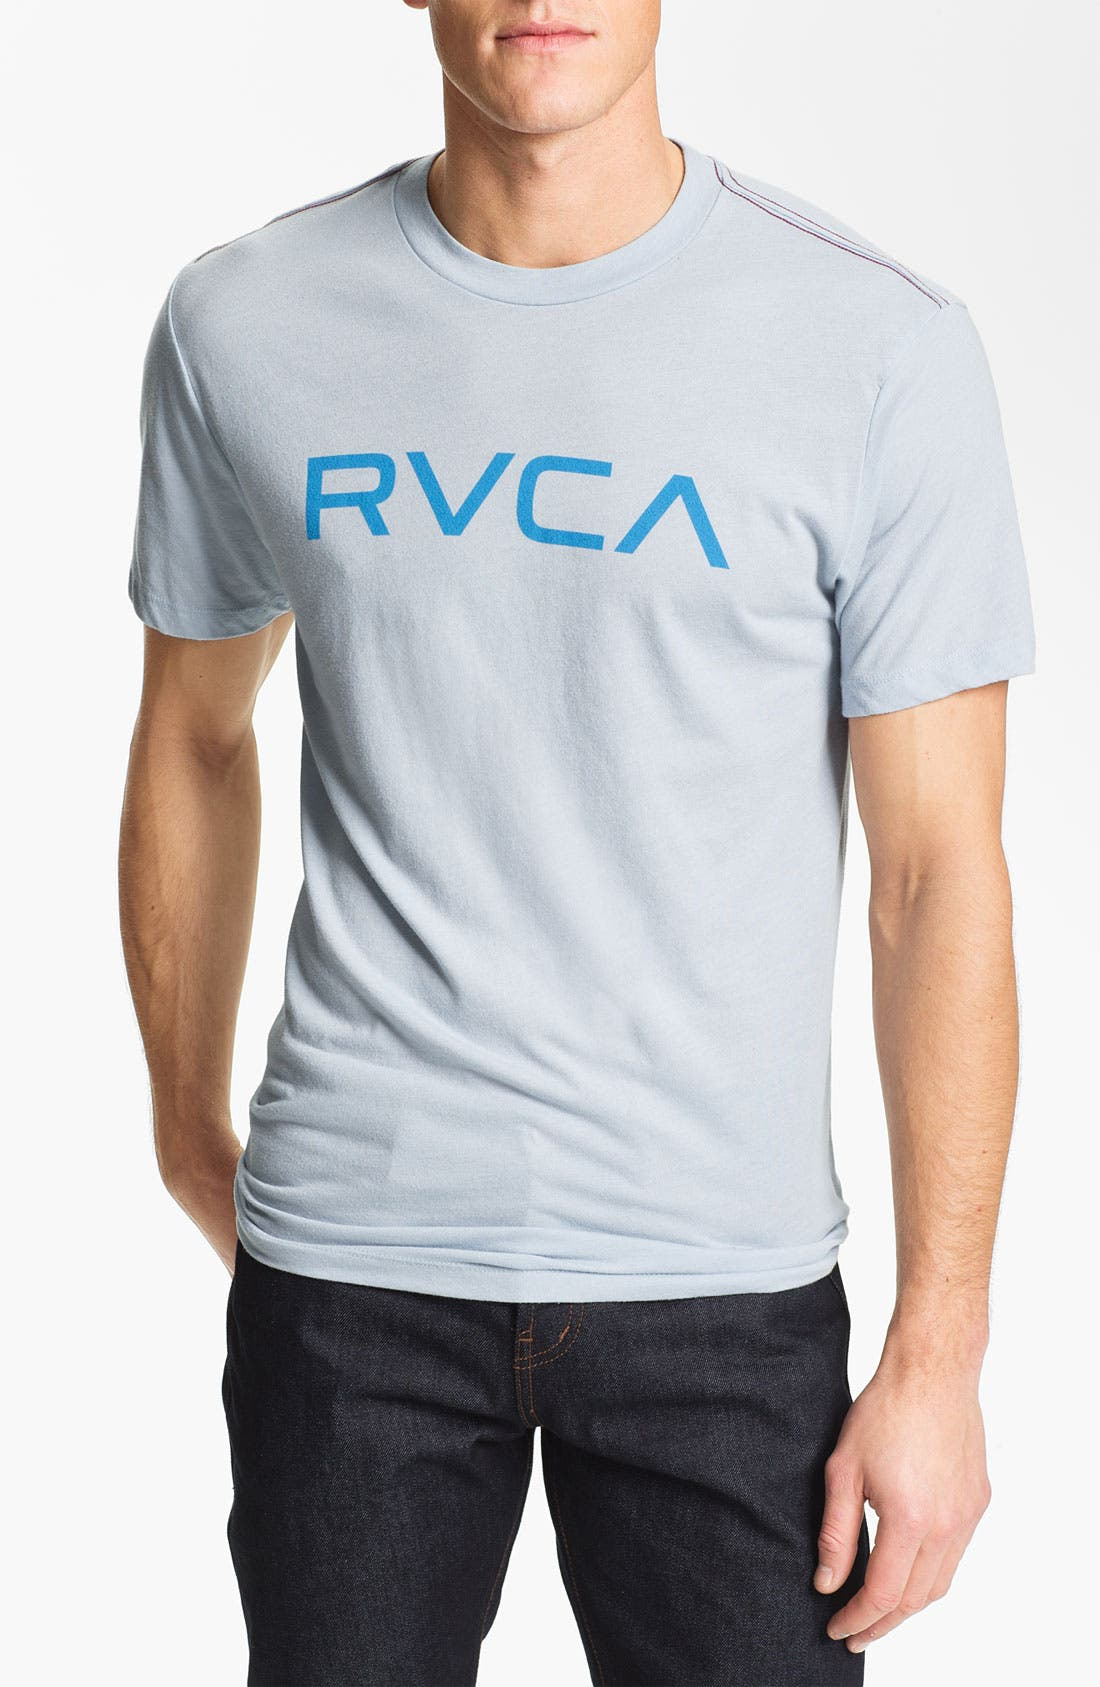 Main Image - RVCA 'Big RVCA Logo' T-Shirt